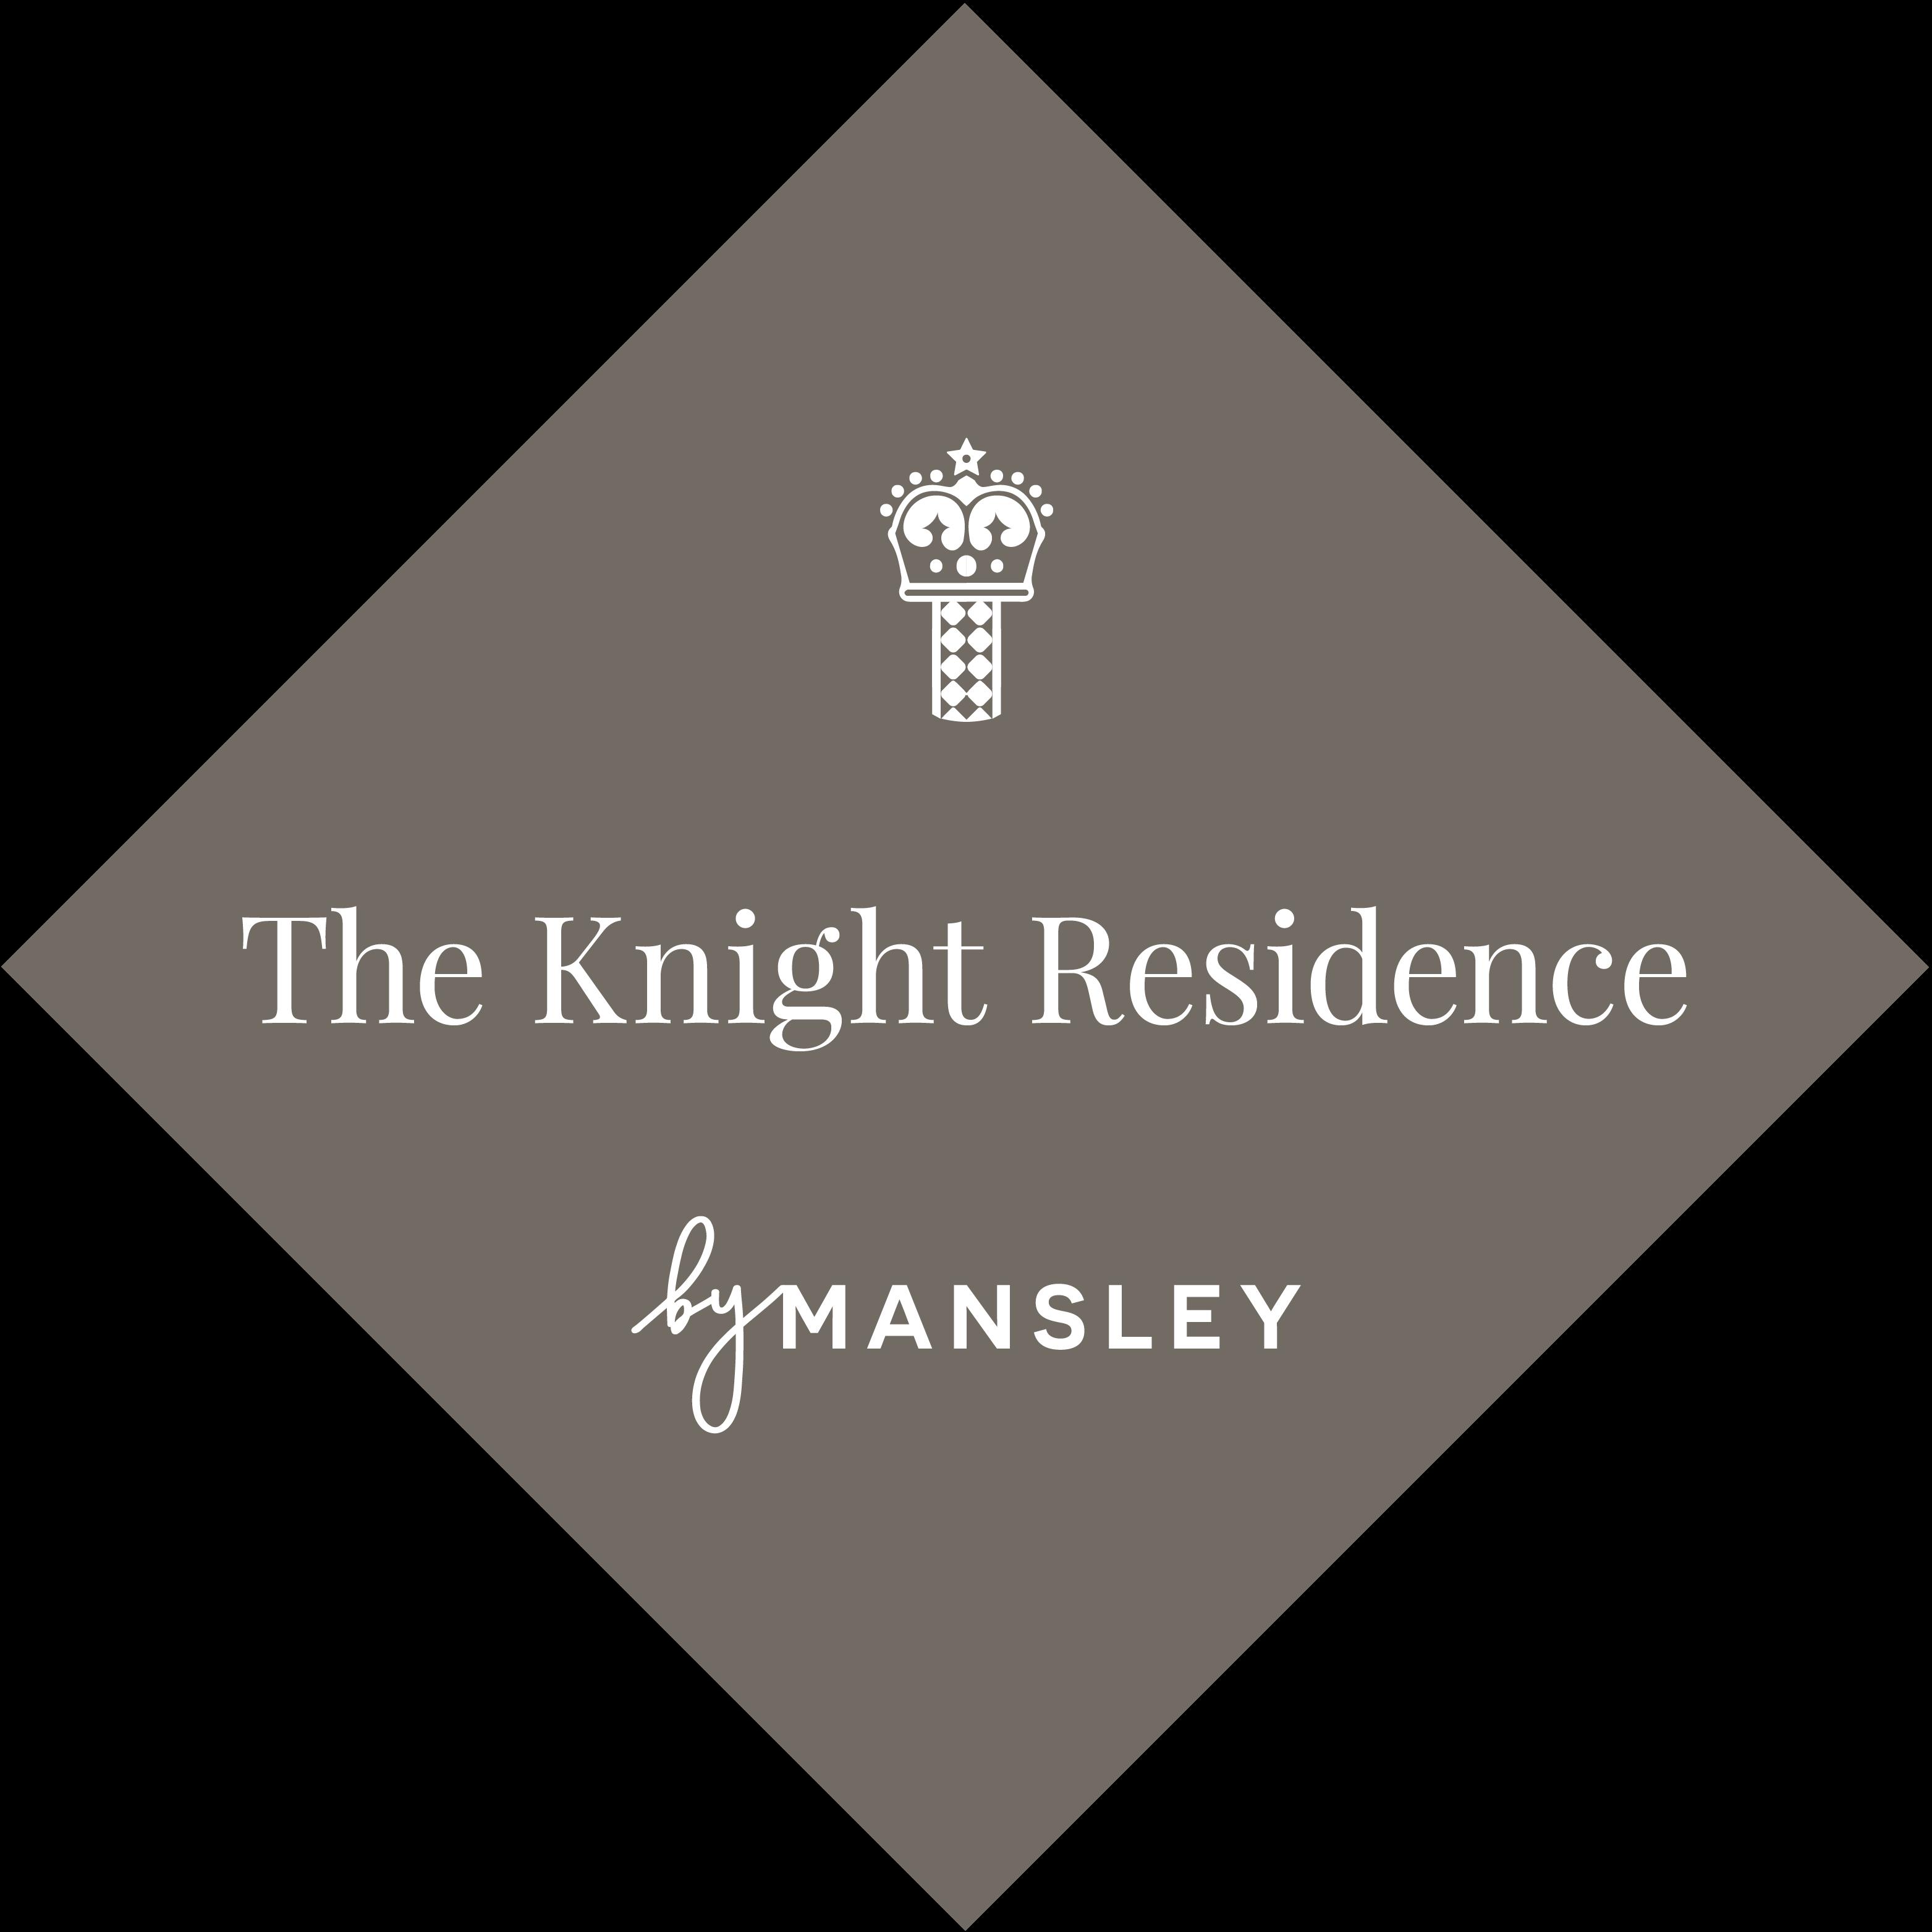 the knight residence diamond icon